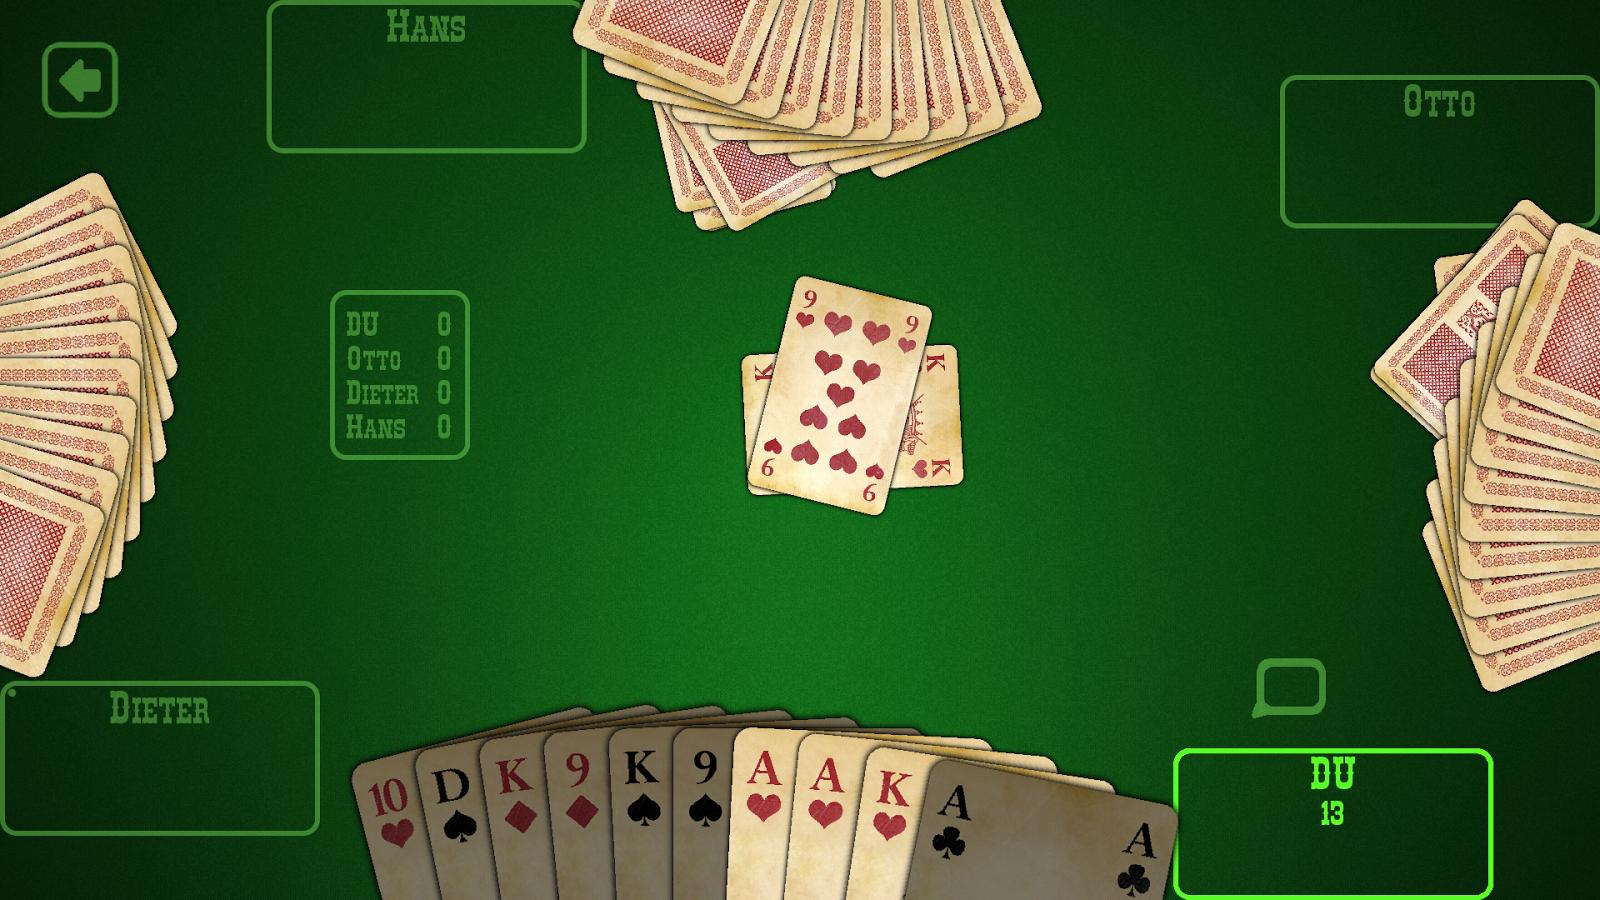 online casino strategy spiele im casino